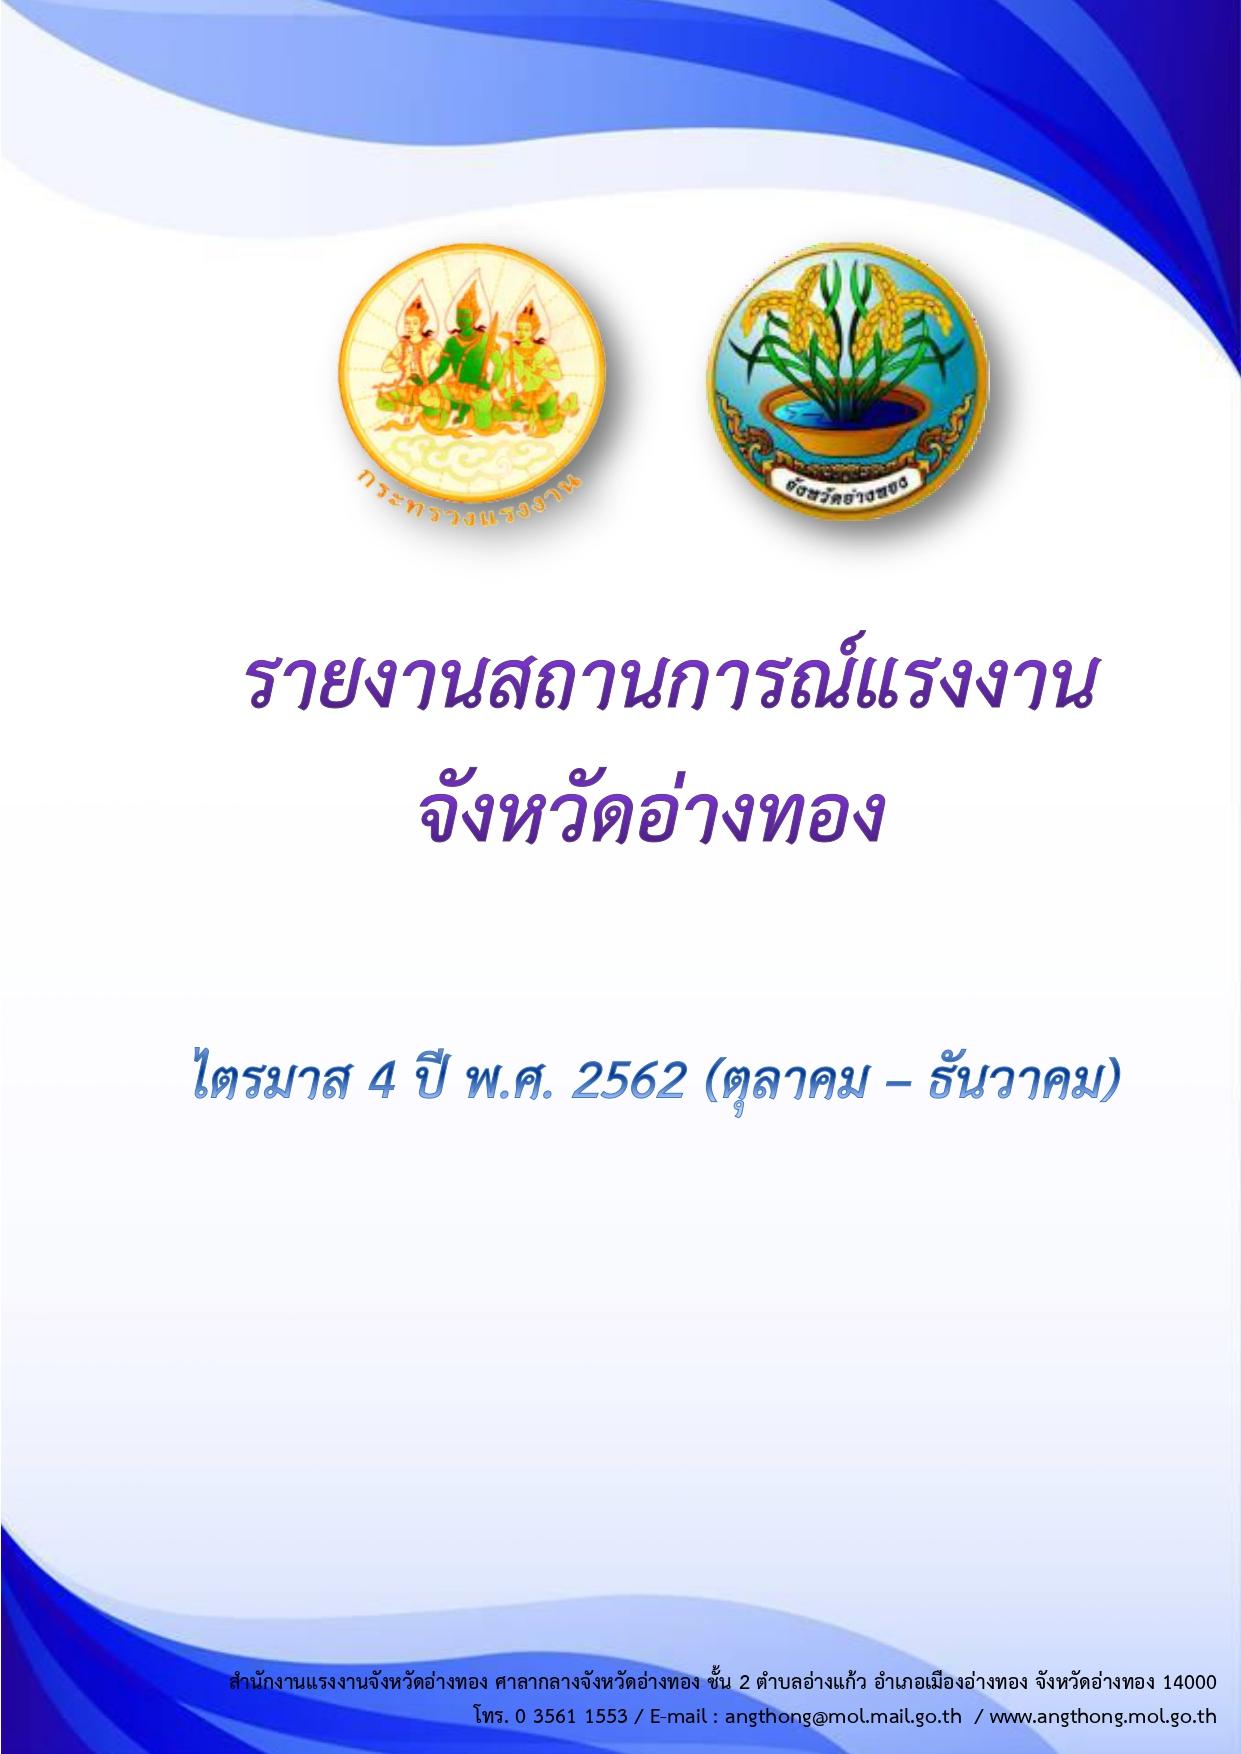 รายงานสถานการณ์แรงงาน จังหวัดอ่างทอง ไตรมาส 4 ปี พ.ศ. 2562 (ตุลาคม – ธันวาคม)